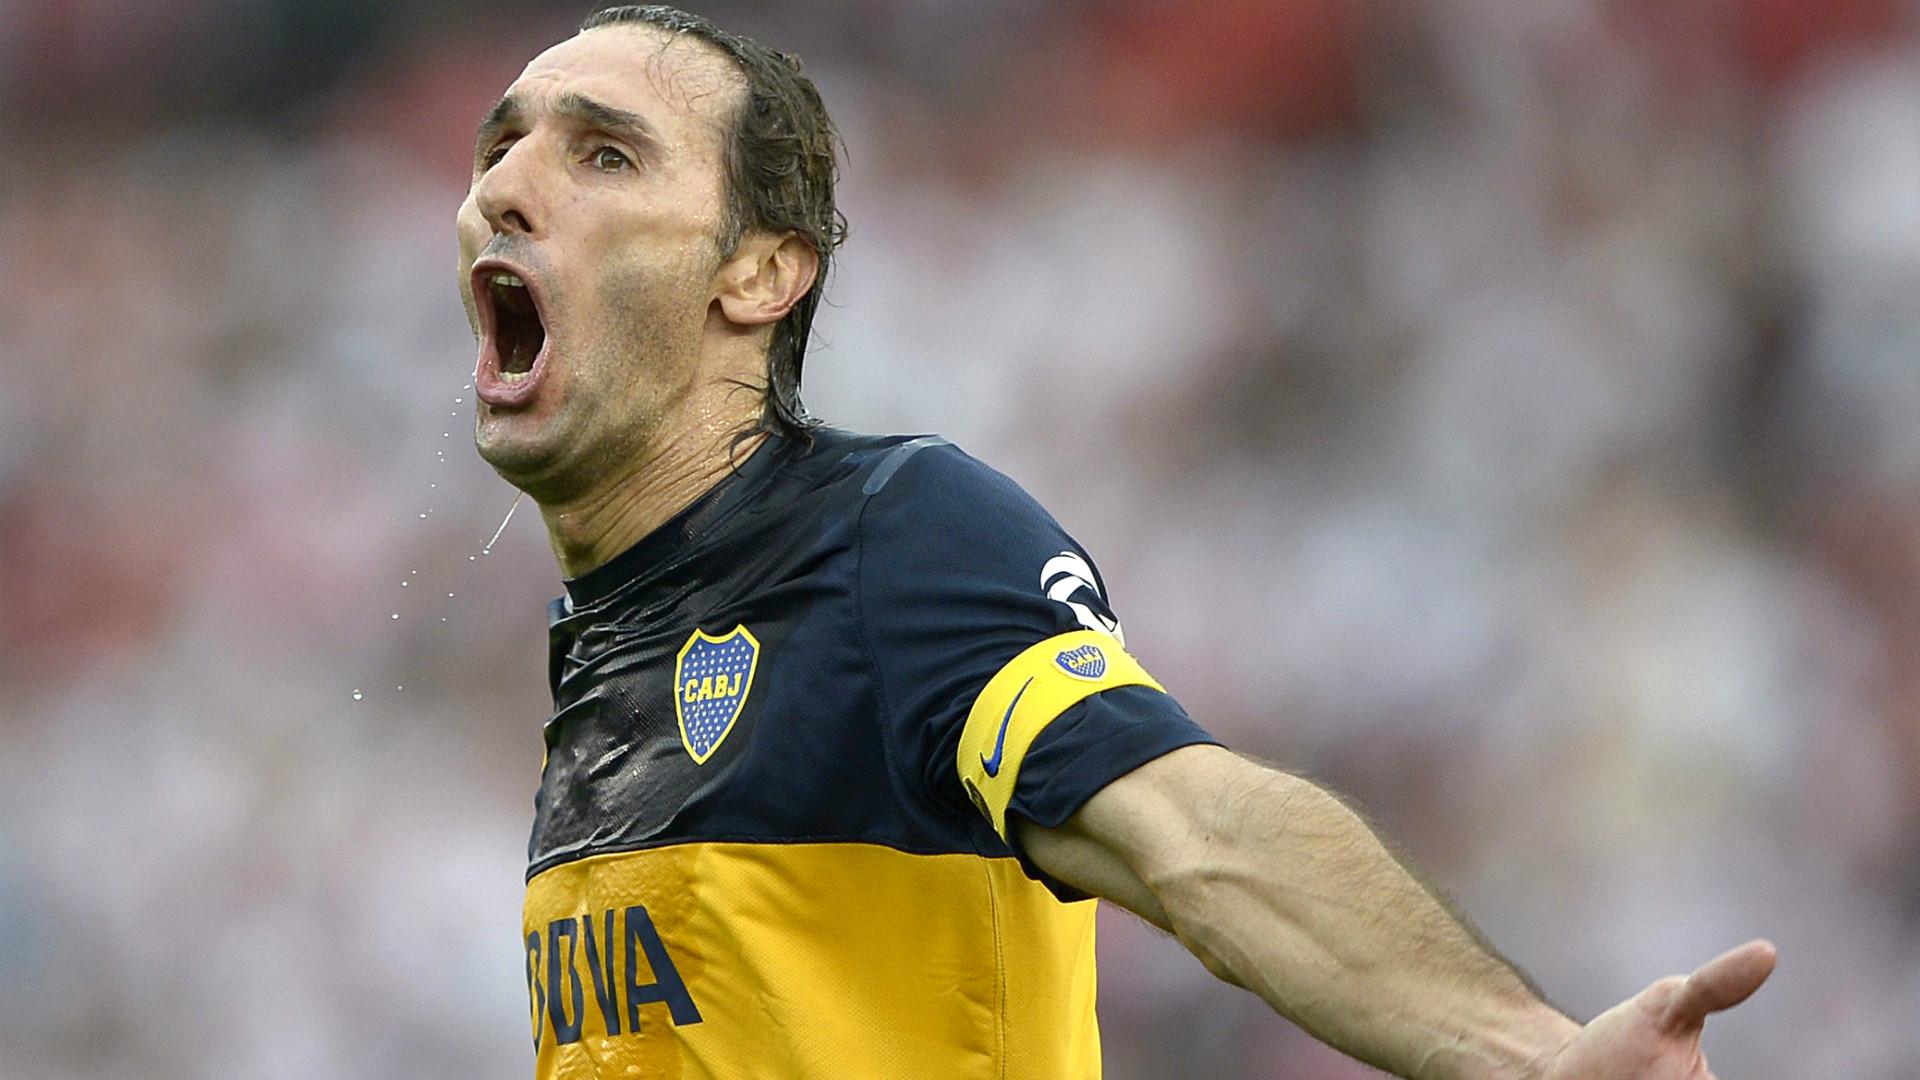 Rolando Schiavi Boca Juniors 2012